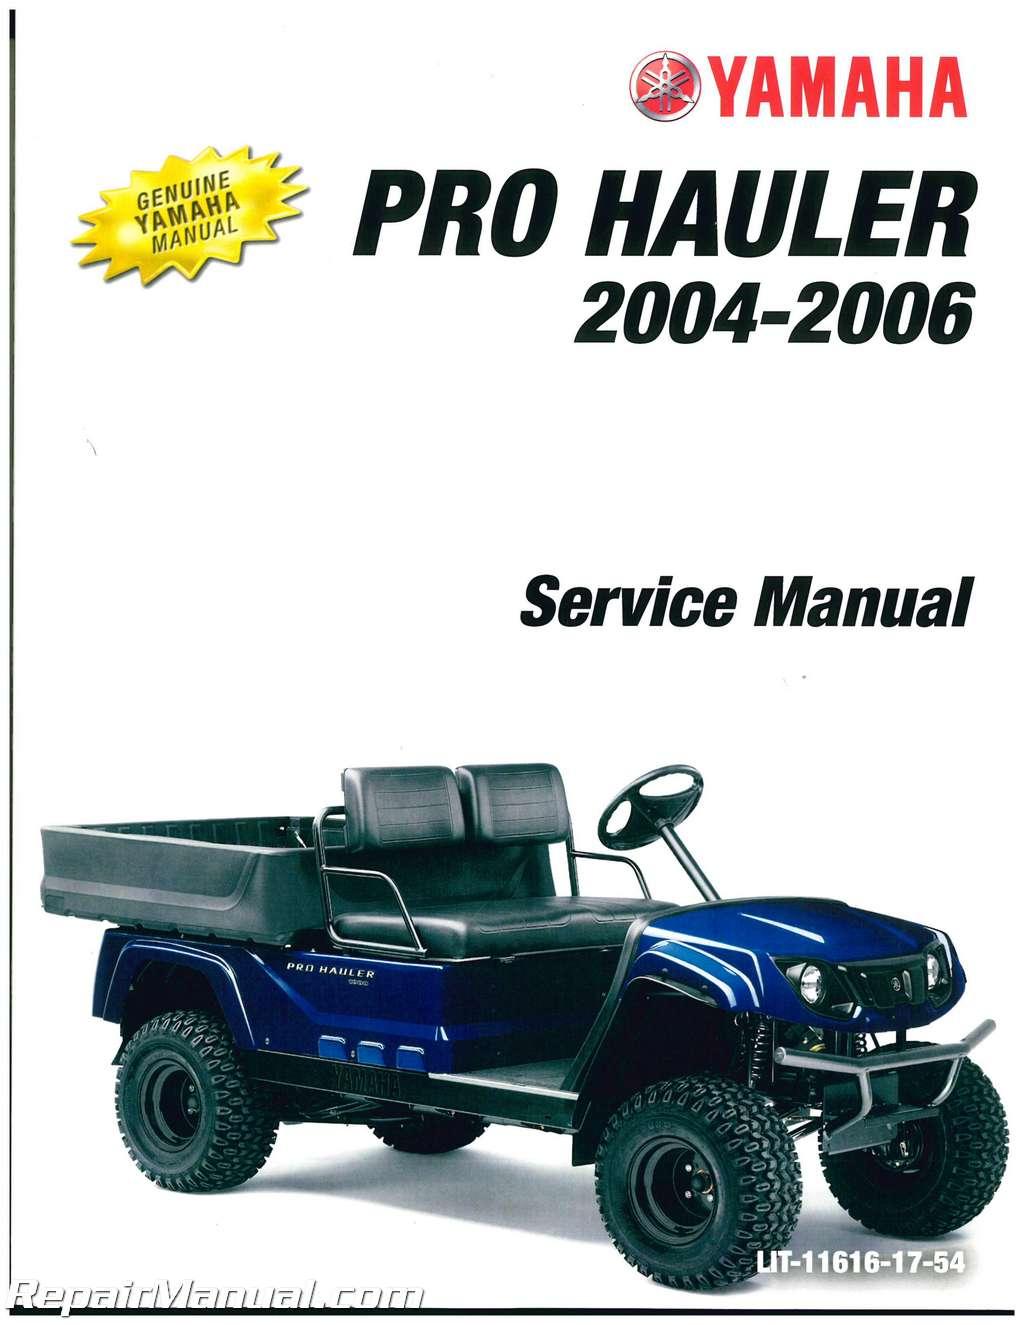 Yamaha Pro Hauler For Sale